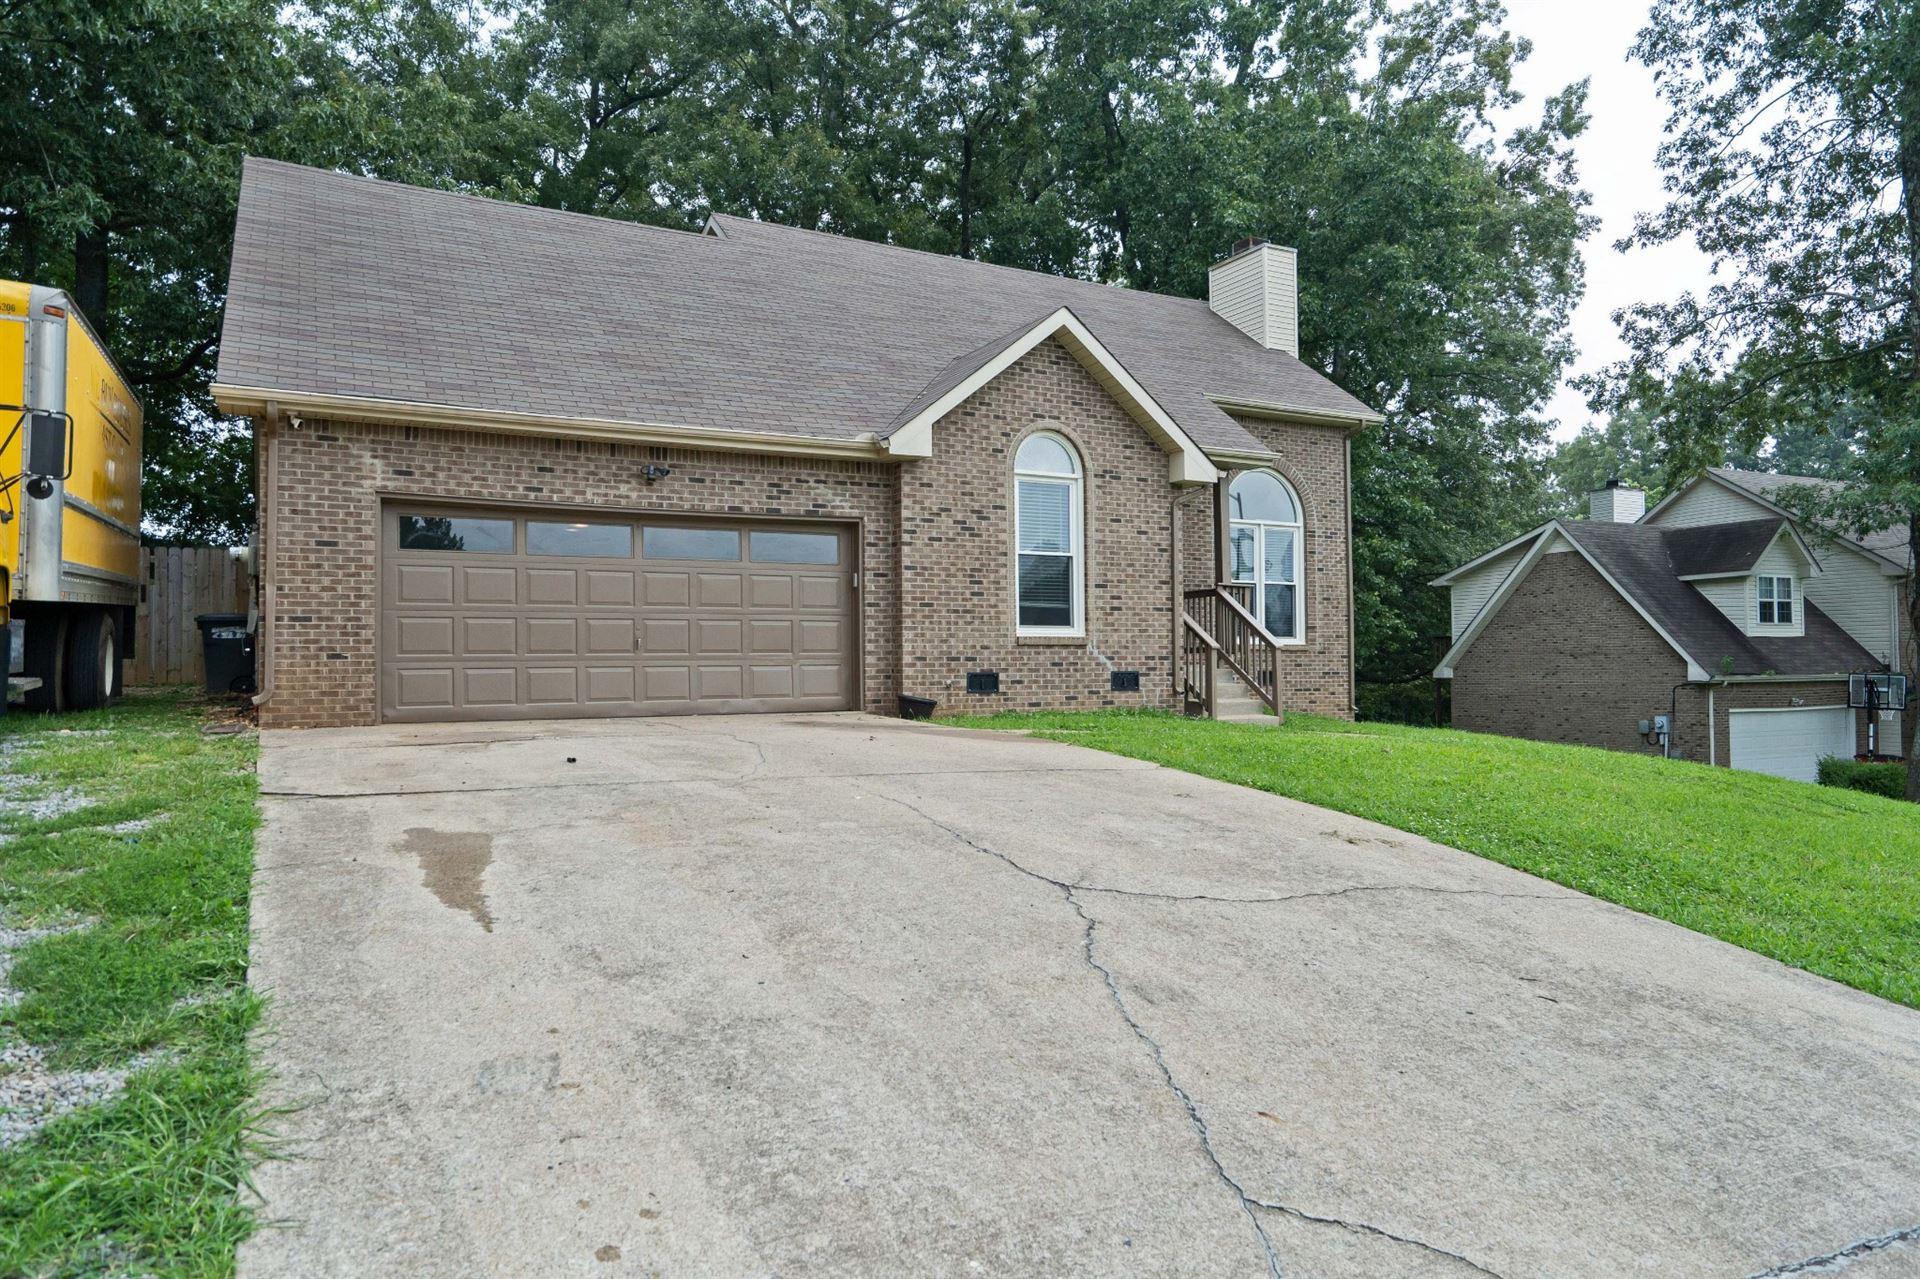 521 Brentwood Cir, Clarksville, TN 37042 - MLS#: 2269833